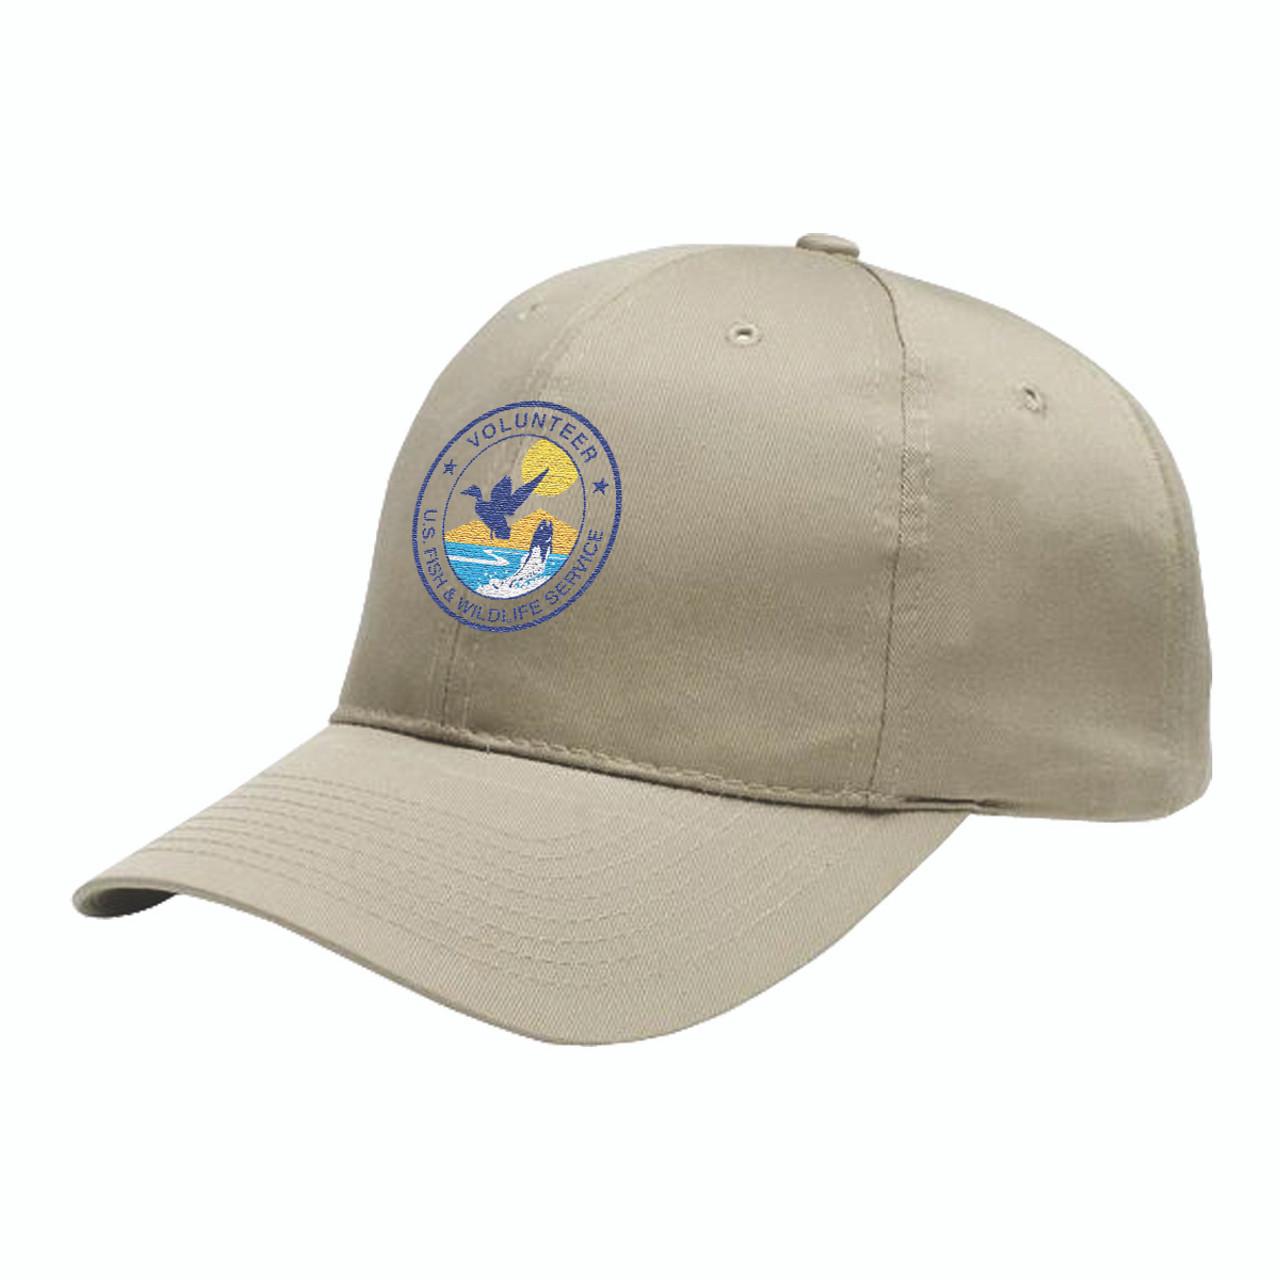 Fish & Wildlife Service Volunteer Cap - Khaki